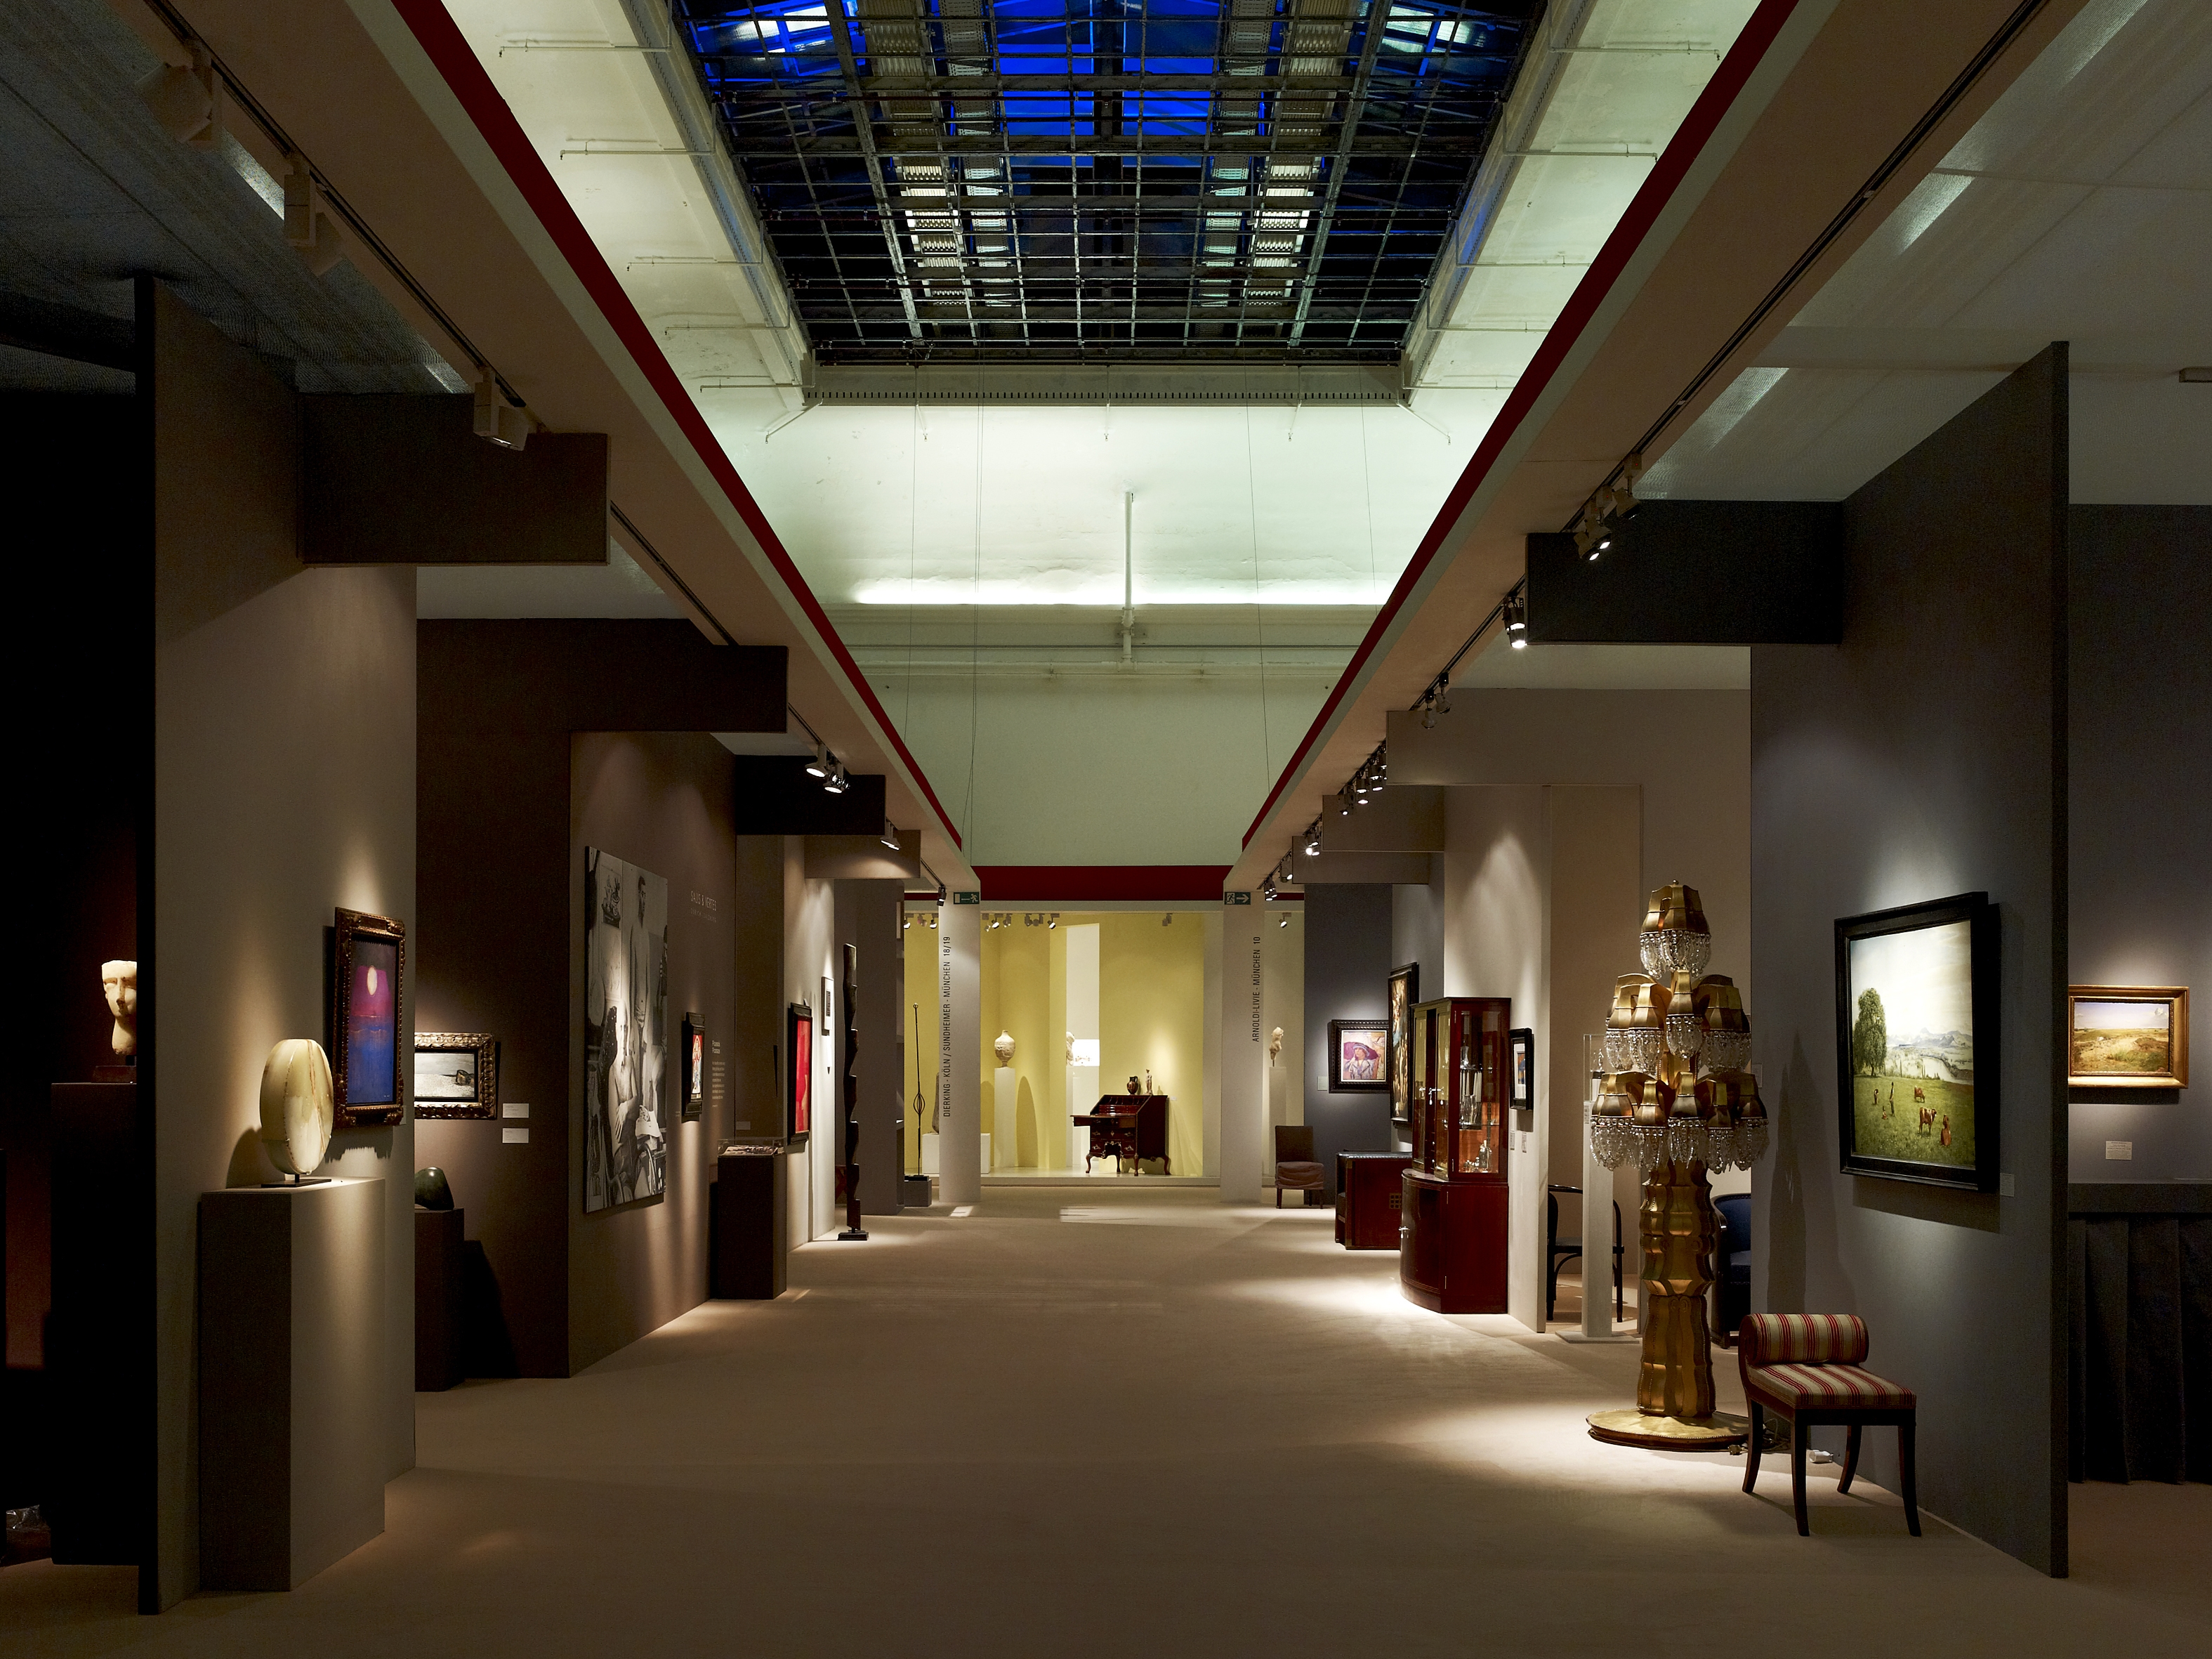 2 grosse kunstmessen in m nchen m. Black Bedroom Furniture Sets. Home Design Ideas